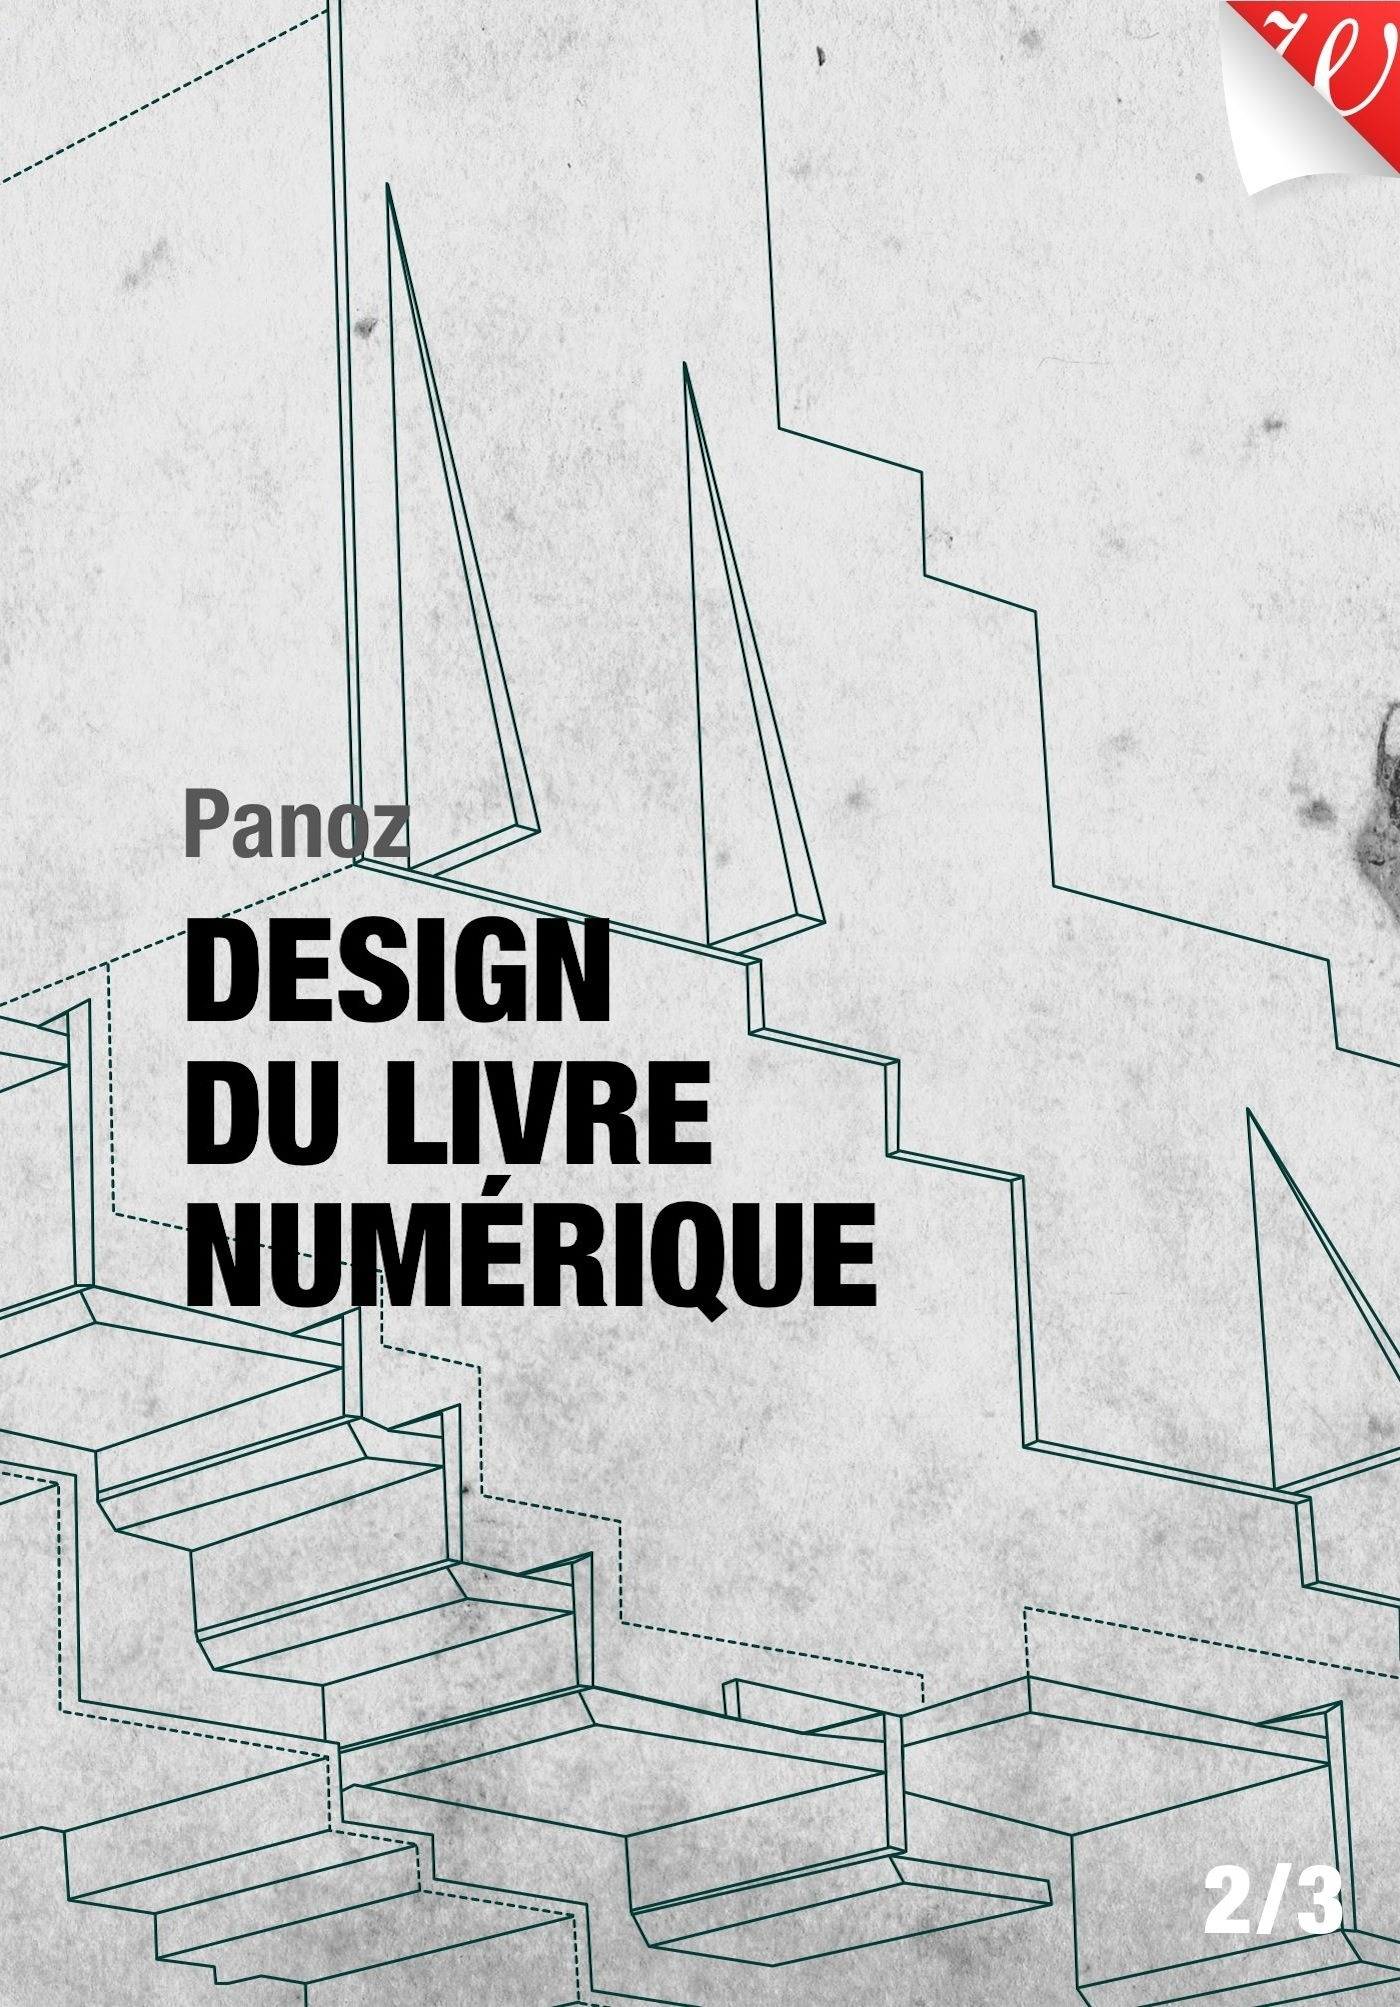 Jiminy Panoz Design du livre numérique